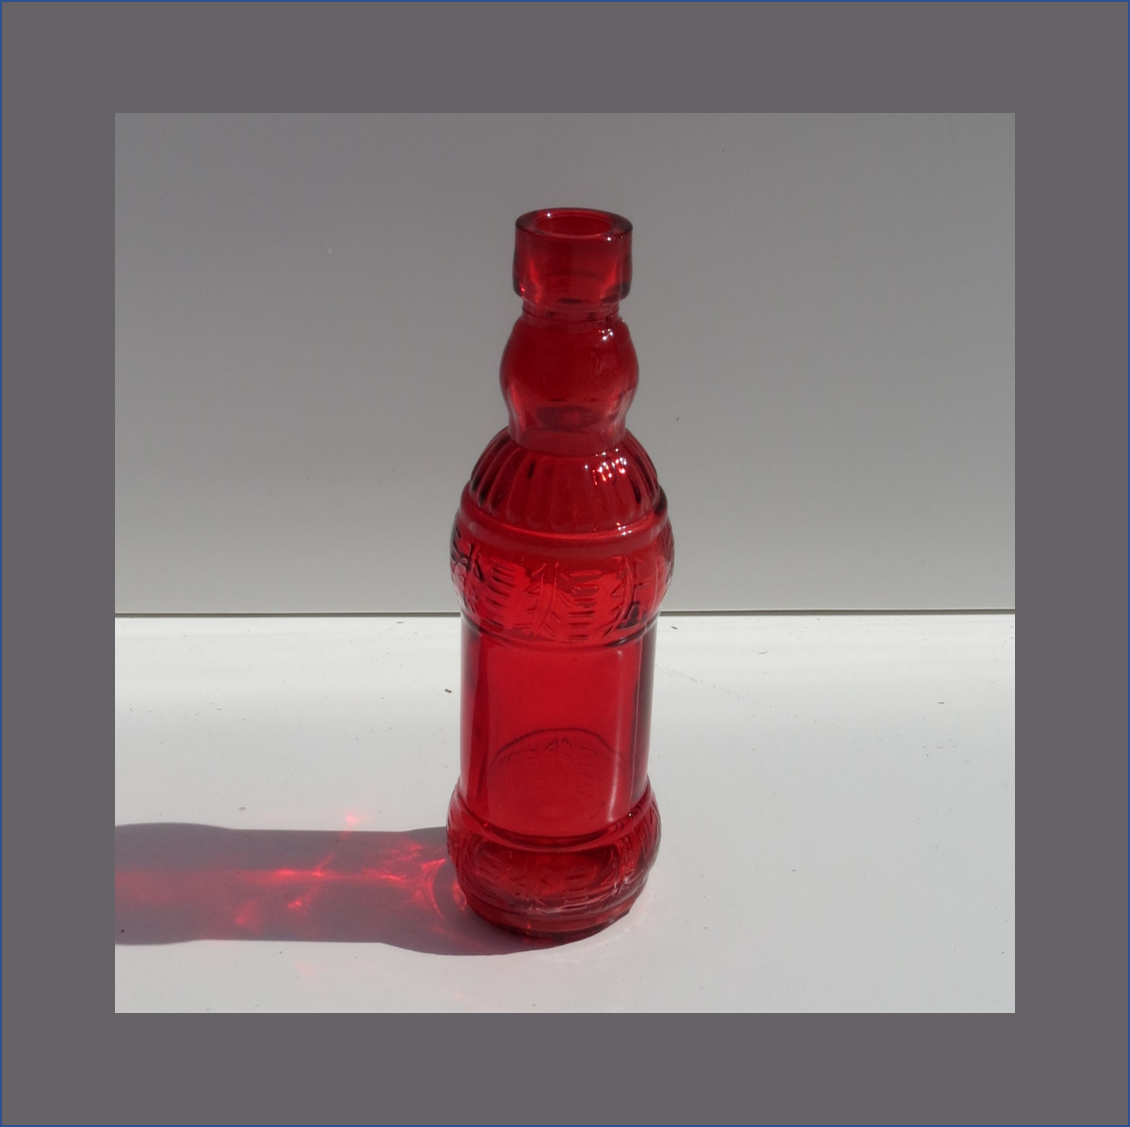 red-bottles